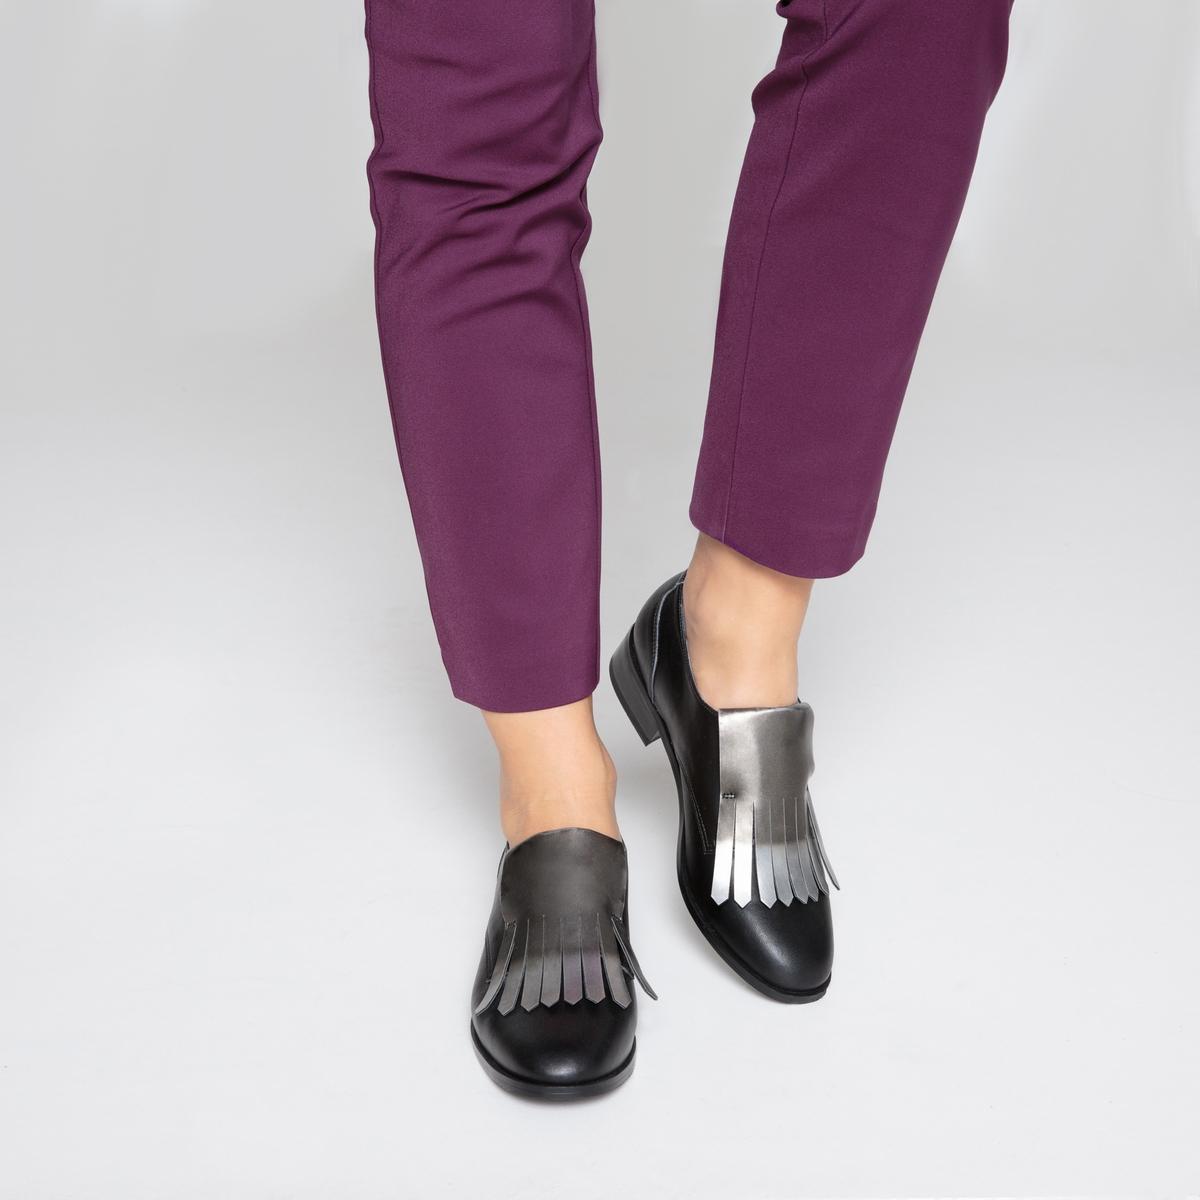 Ботинки-дерби с блестящей мексиканской планкой